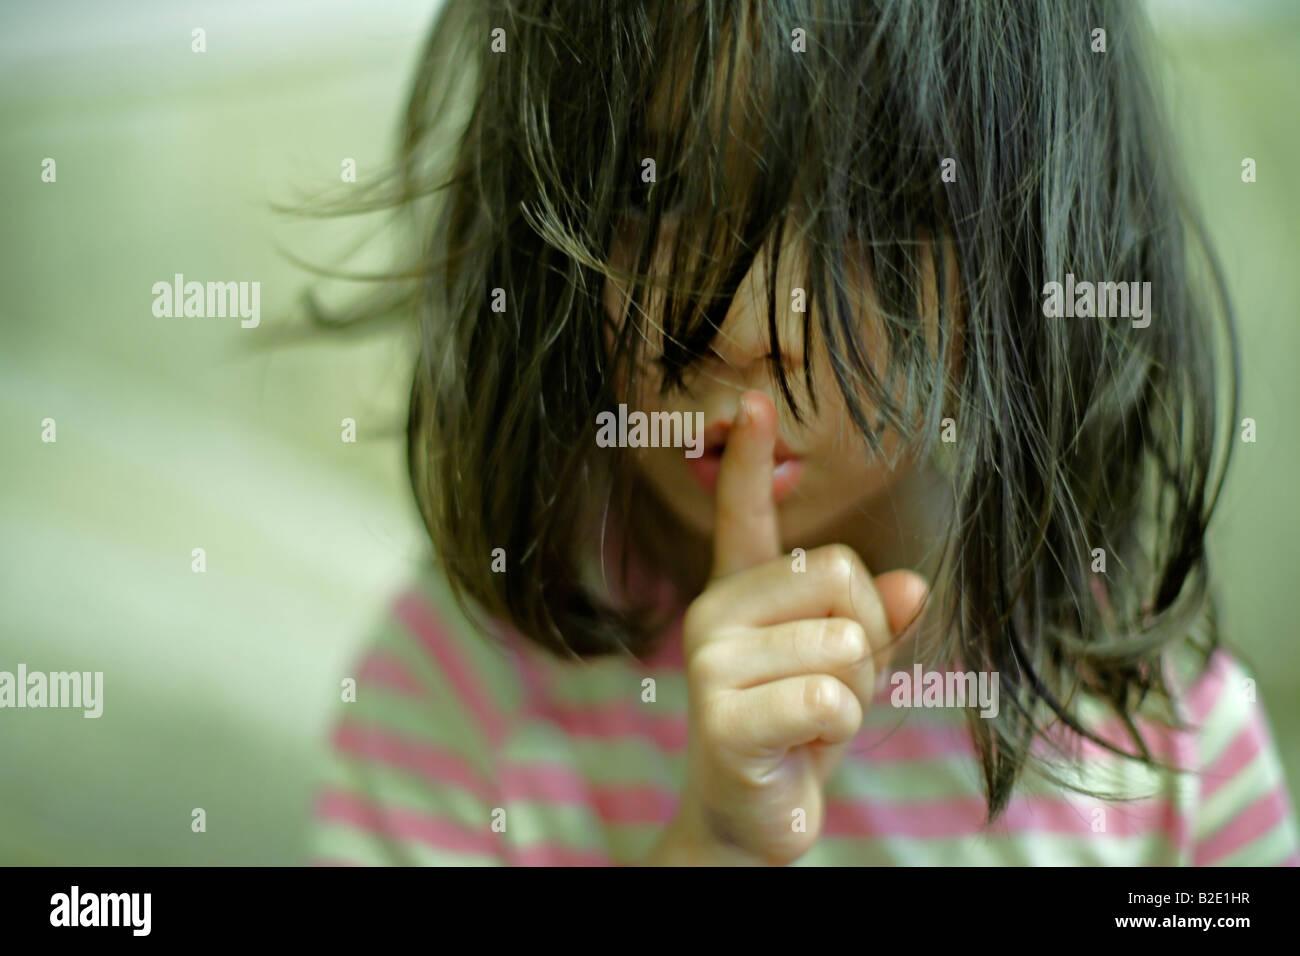 Bambina di cinque anni con capelli disordinati Immagini Stock